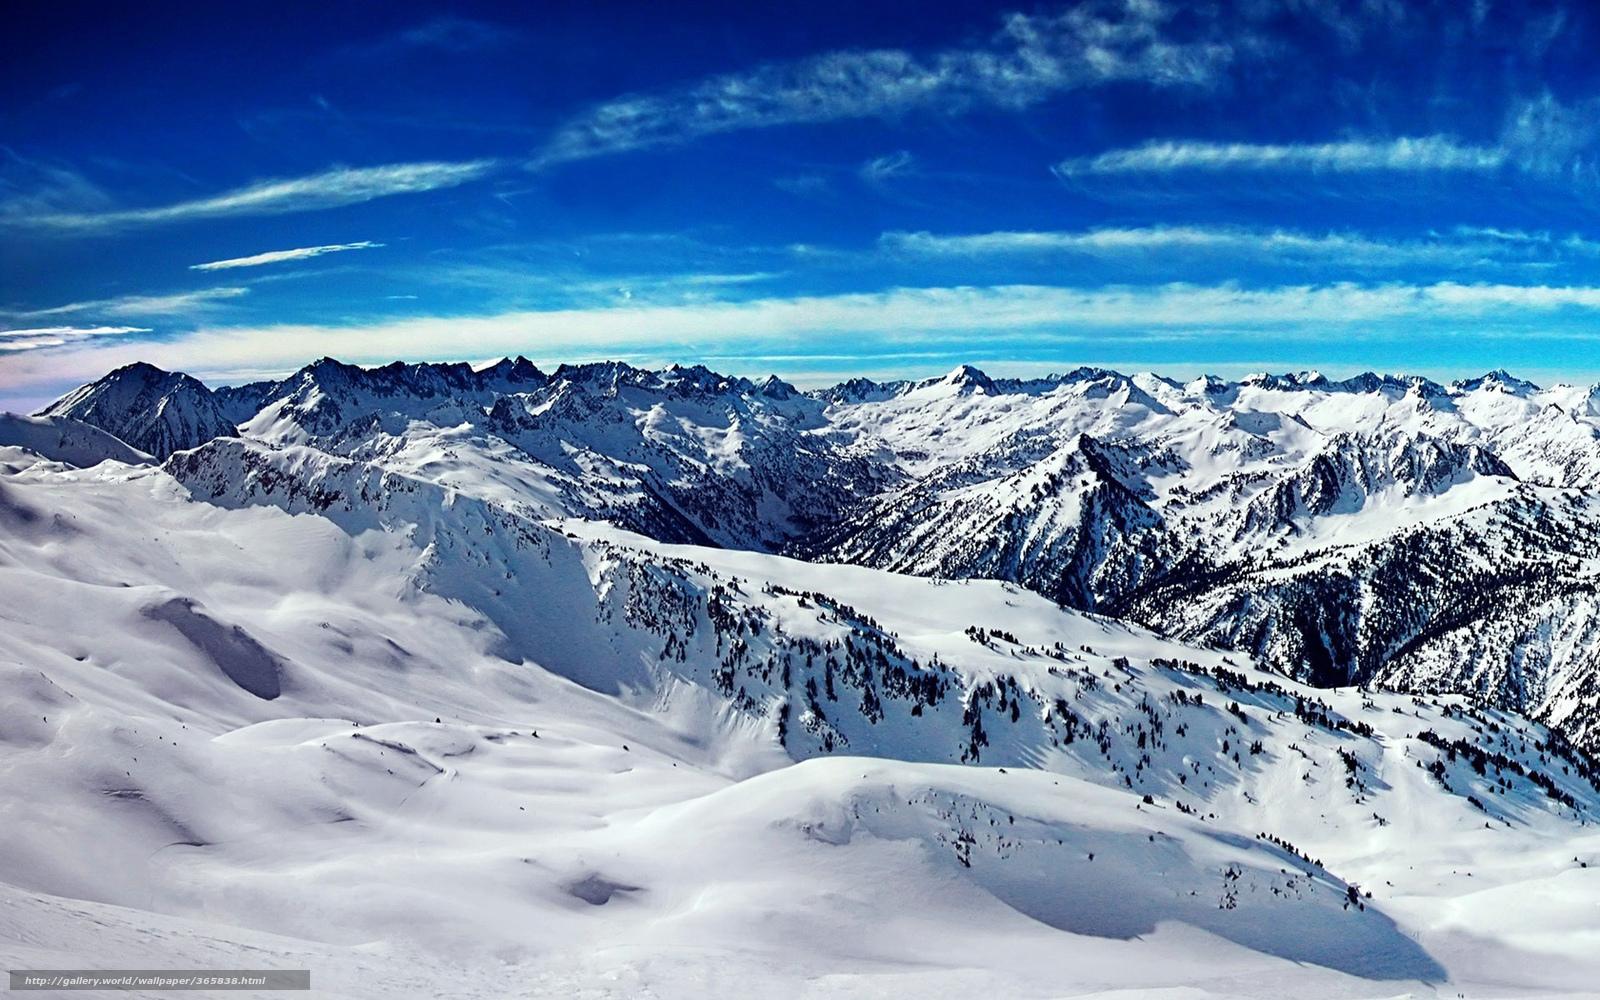 Scaricare Gli Sfondi Montagne Neve Vertici Indietro Sfondi